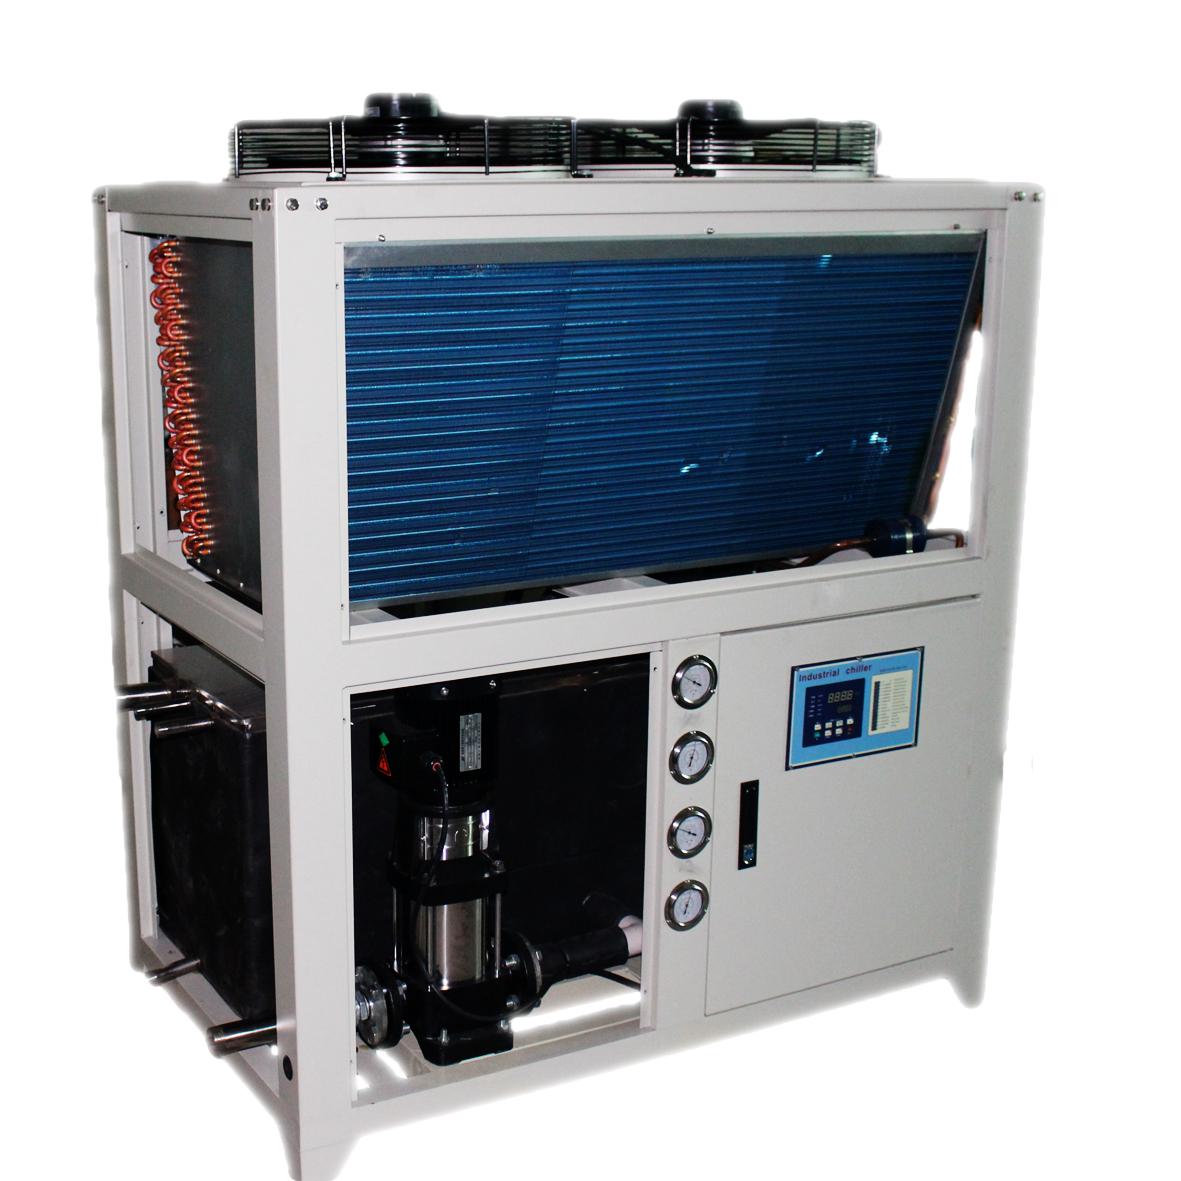 螺杆式冷水机排气温度过高的危害